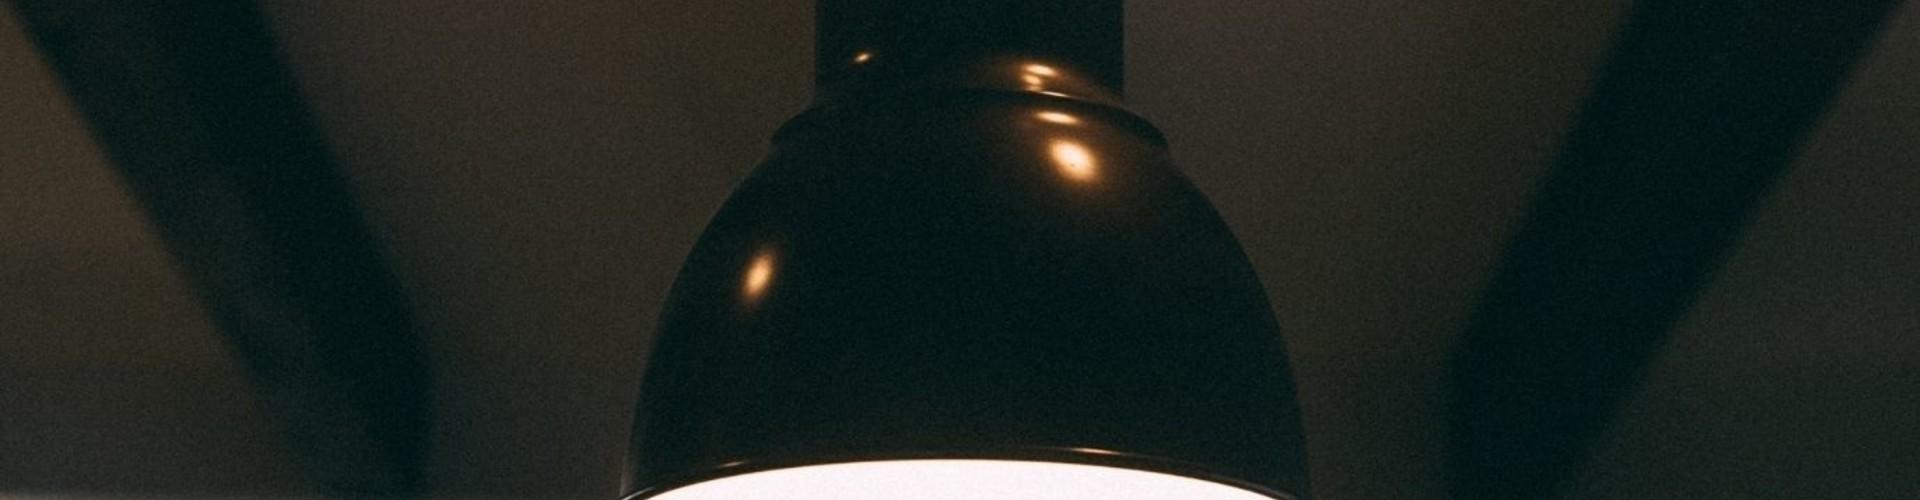 Stoer interieur met een industriële fabriekslamp